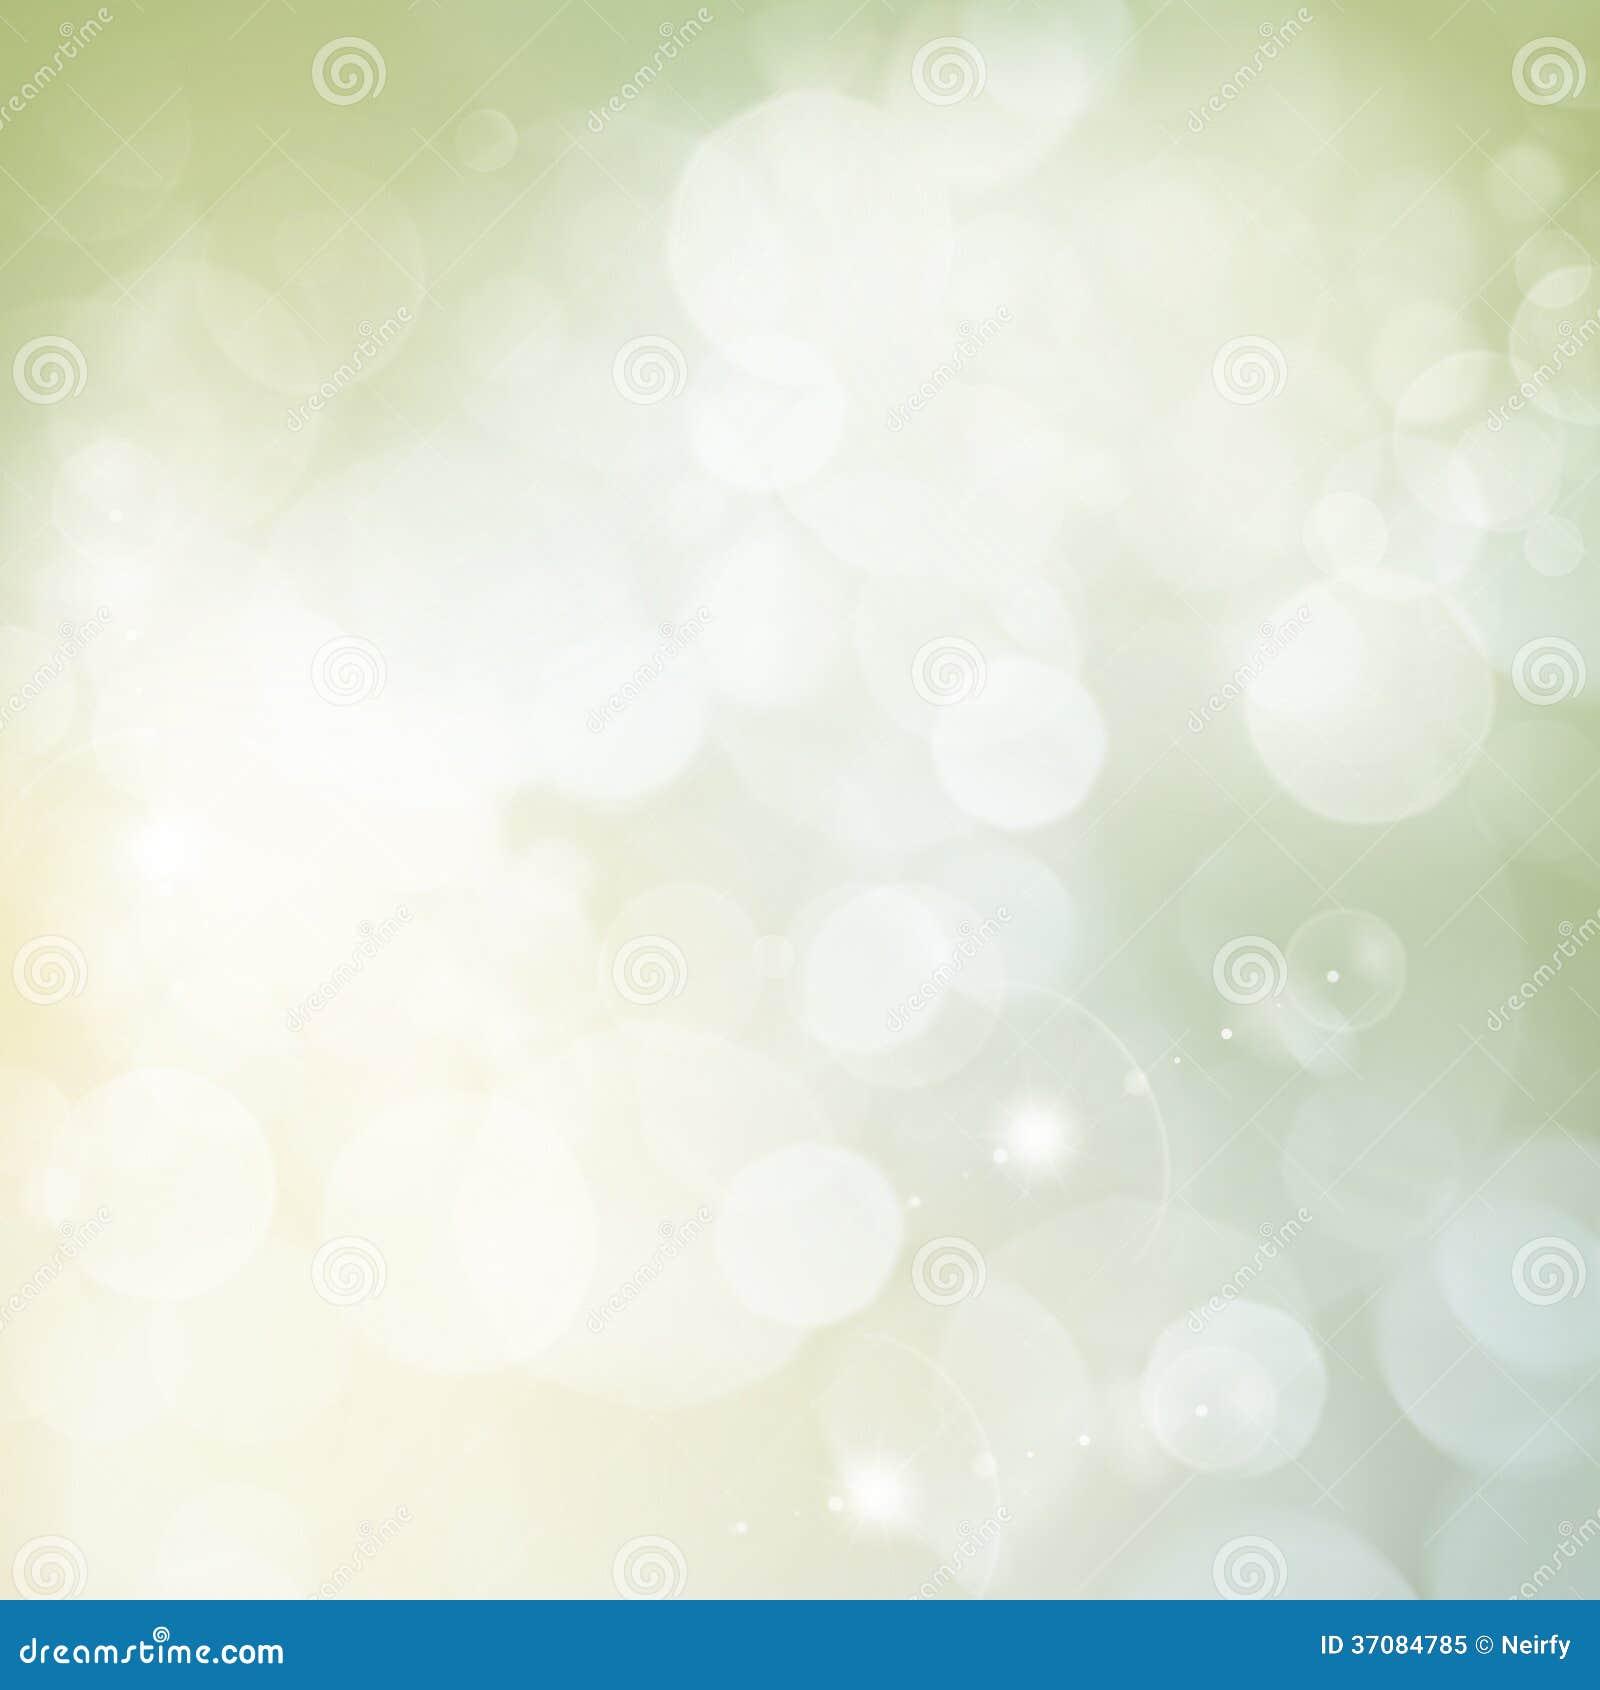 绿色欢乐背景 免版税库存照片 - 图片: 37084785